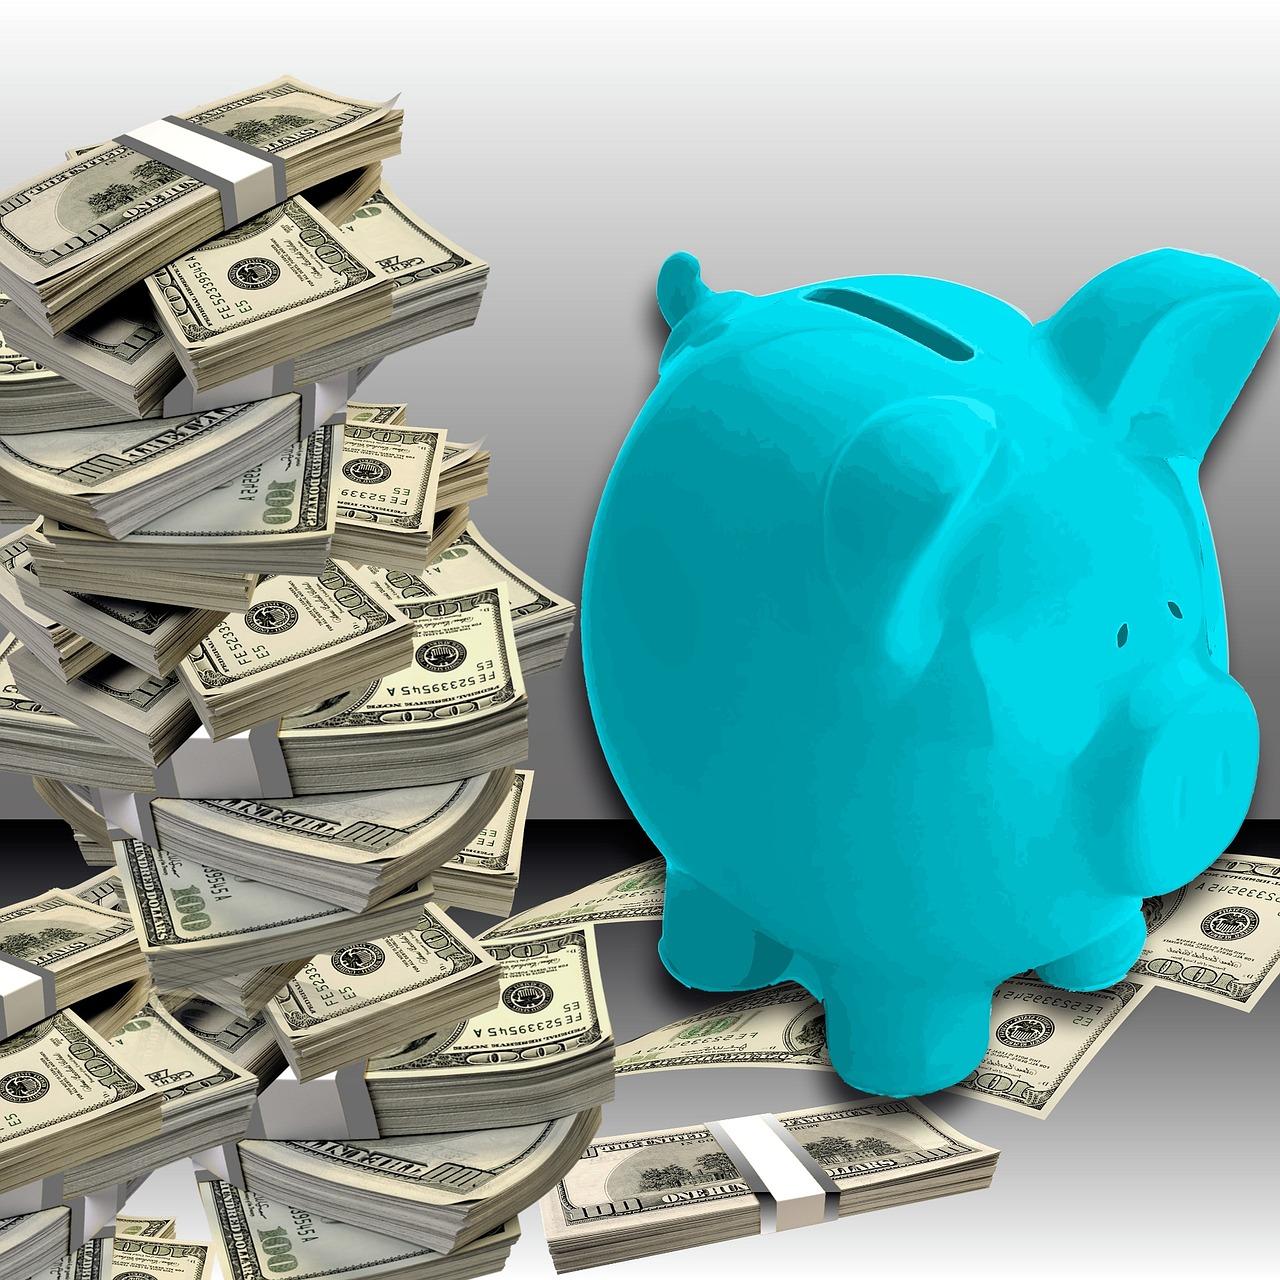 Fondos de fondos